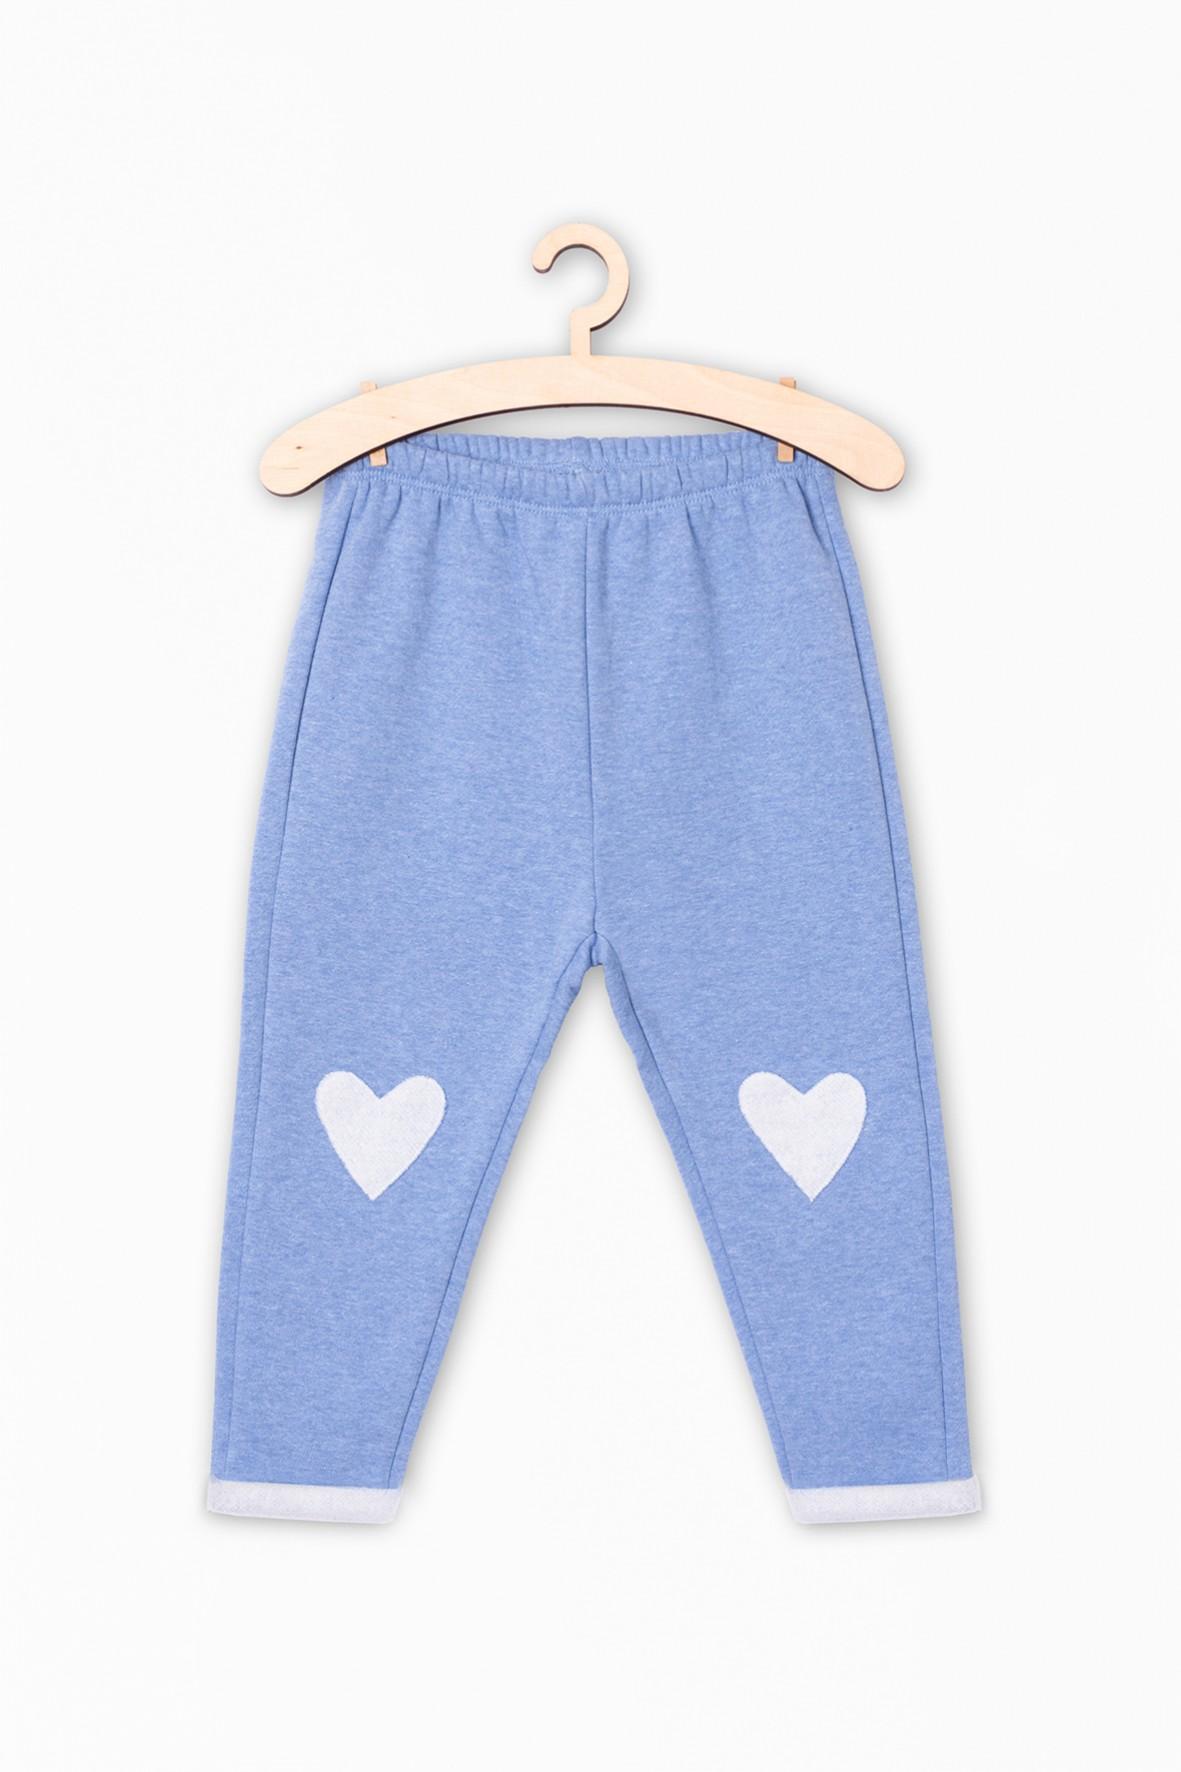 Dzianinowe spodnie dresowe dla dziewczynki- niebieskie